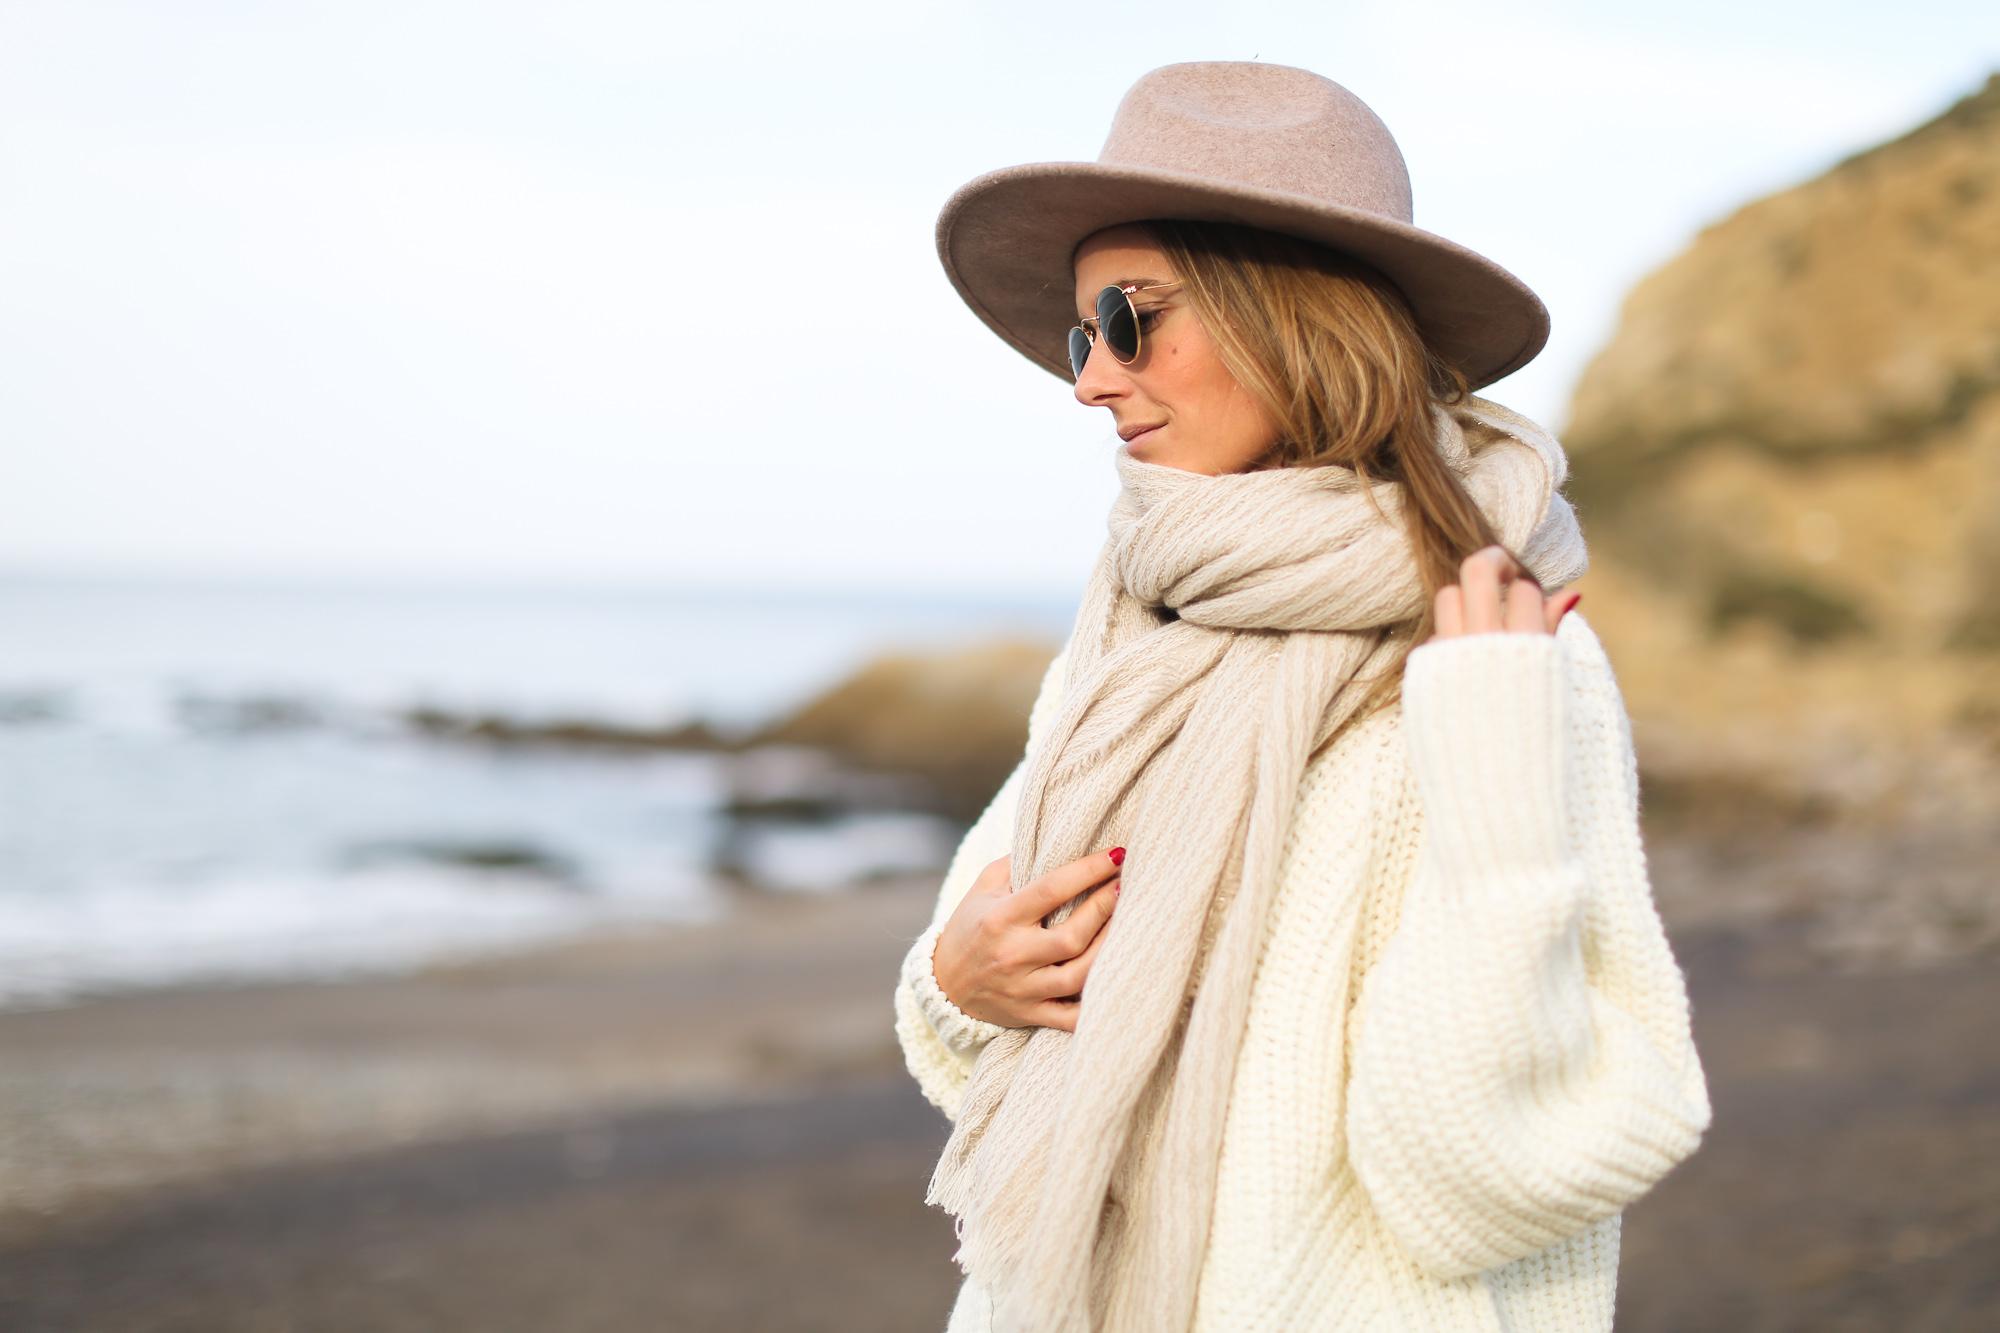 Clochet_streetstyle_bimba&lola_chunky_knit_stradivarius_fedora_hat-2